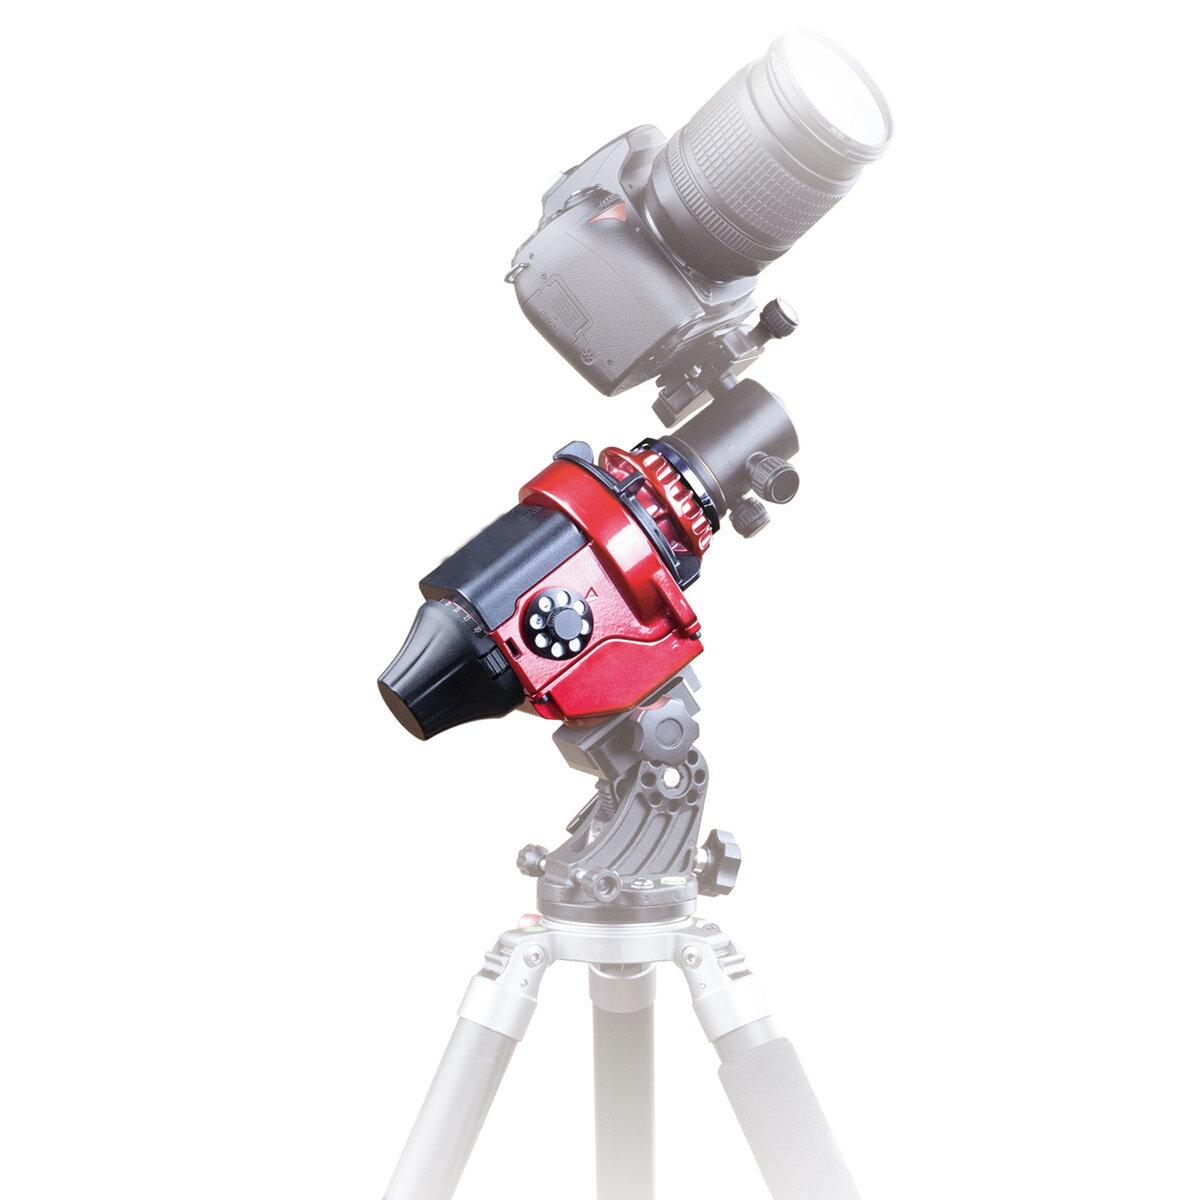 【ふるさと納税】天体撮影用ポータブル赤道儀 スカイメモS 標準セット